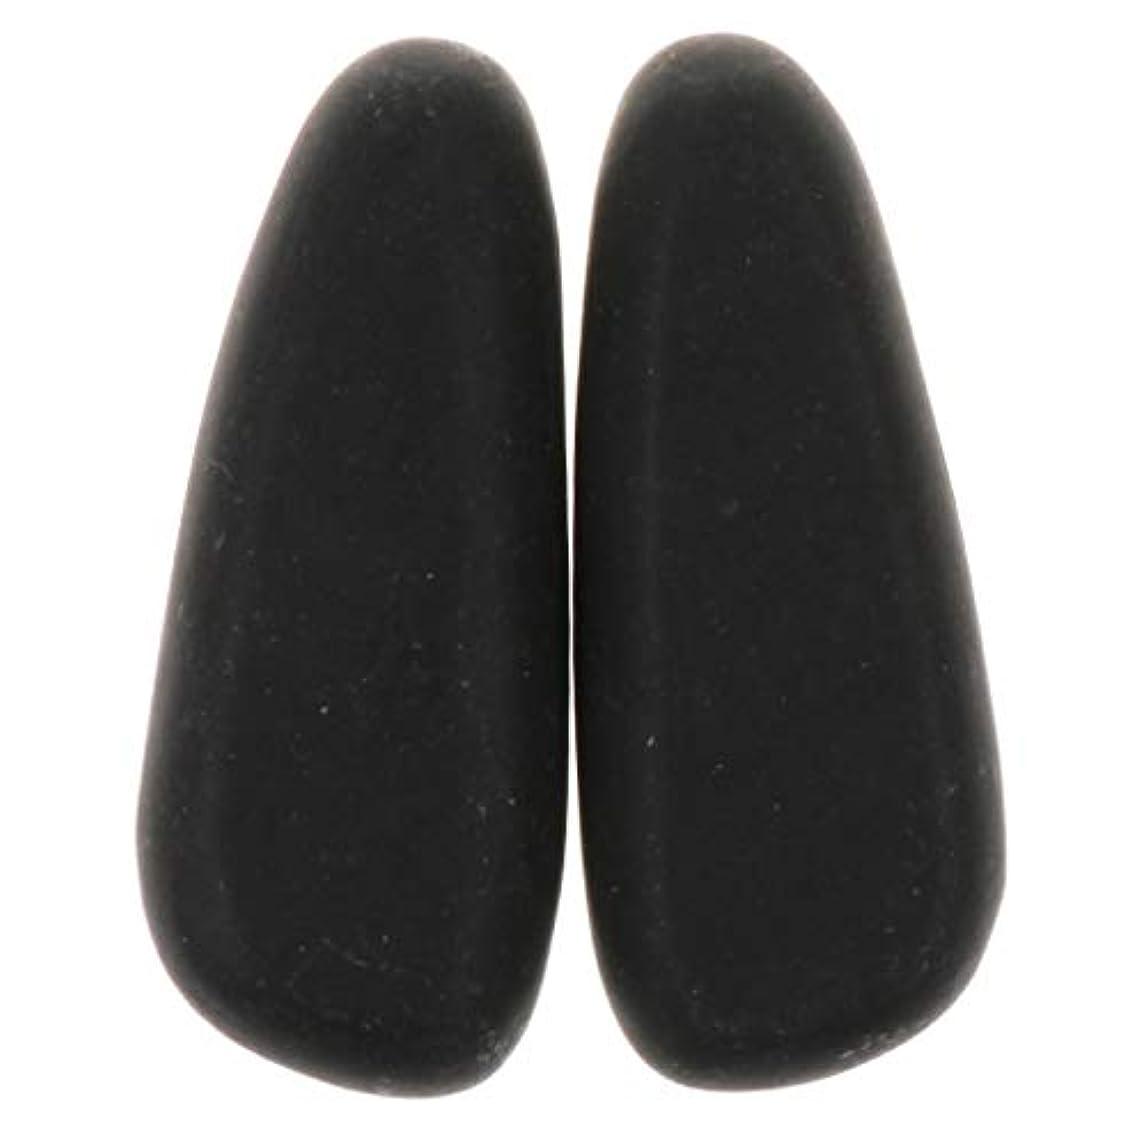 季節代表して配偶者マッサージストーン ボディマッサージストーン 玄武岩 SPA ツボ押しグッズ 2個 全2サイズ - 8×3.2×2cm